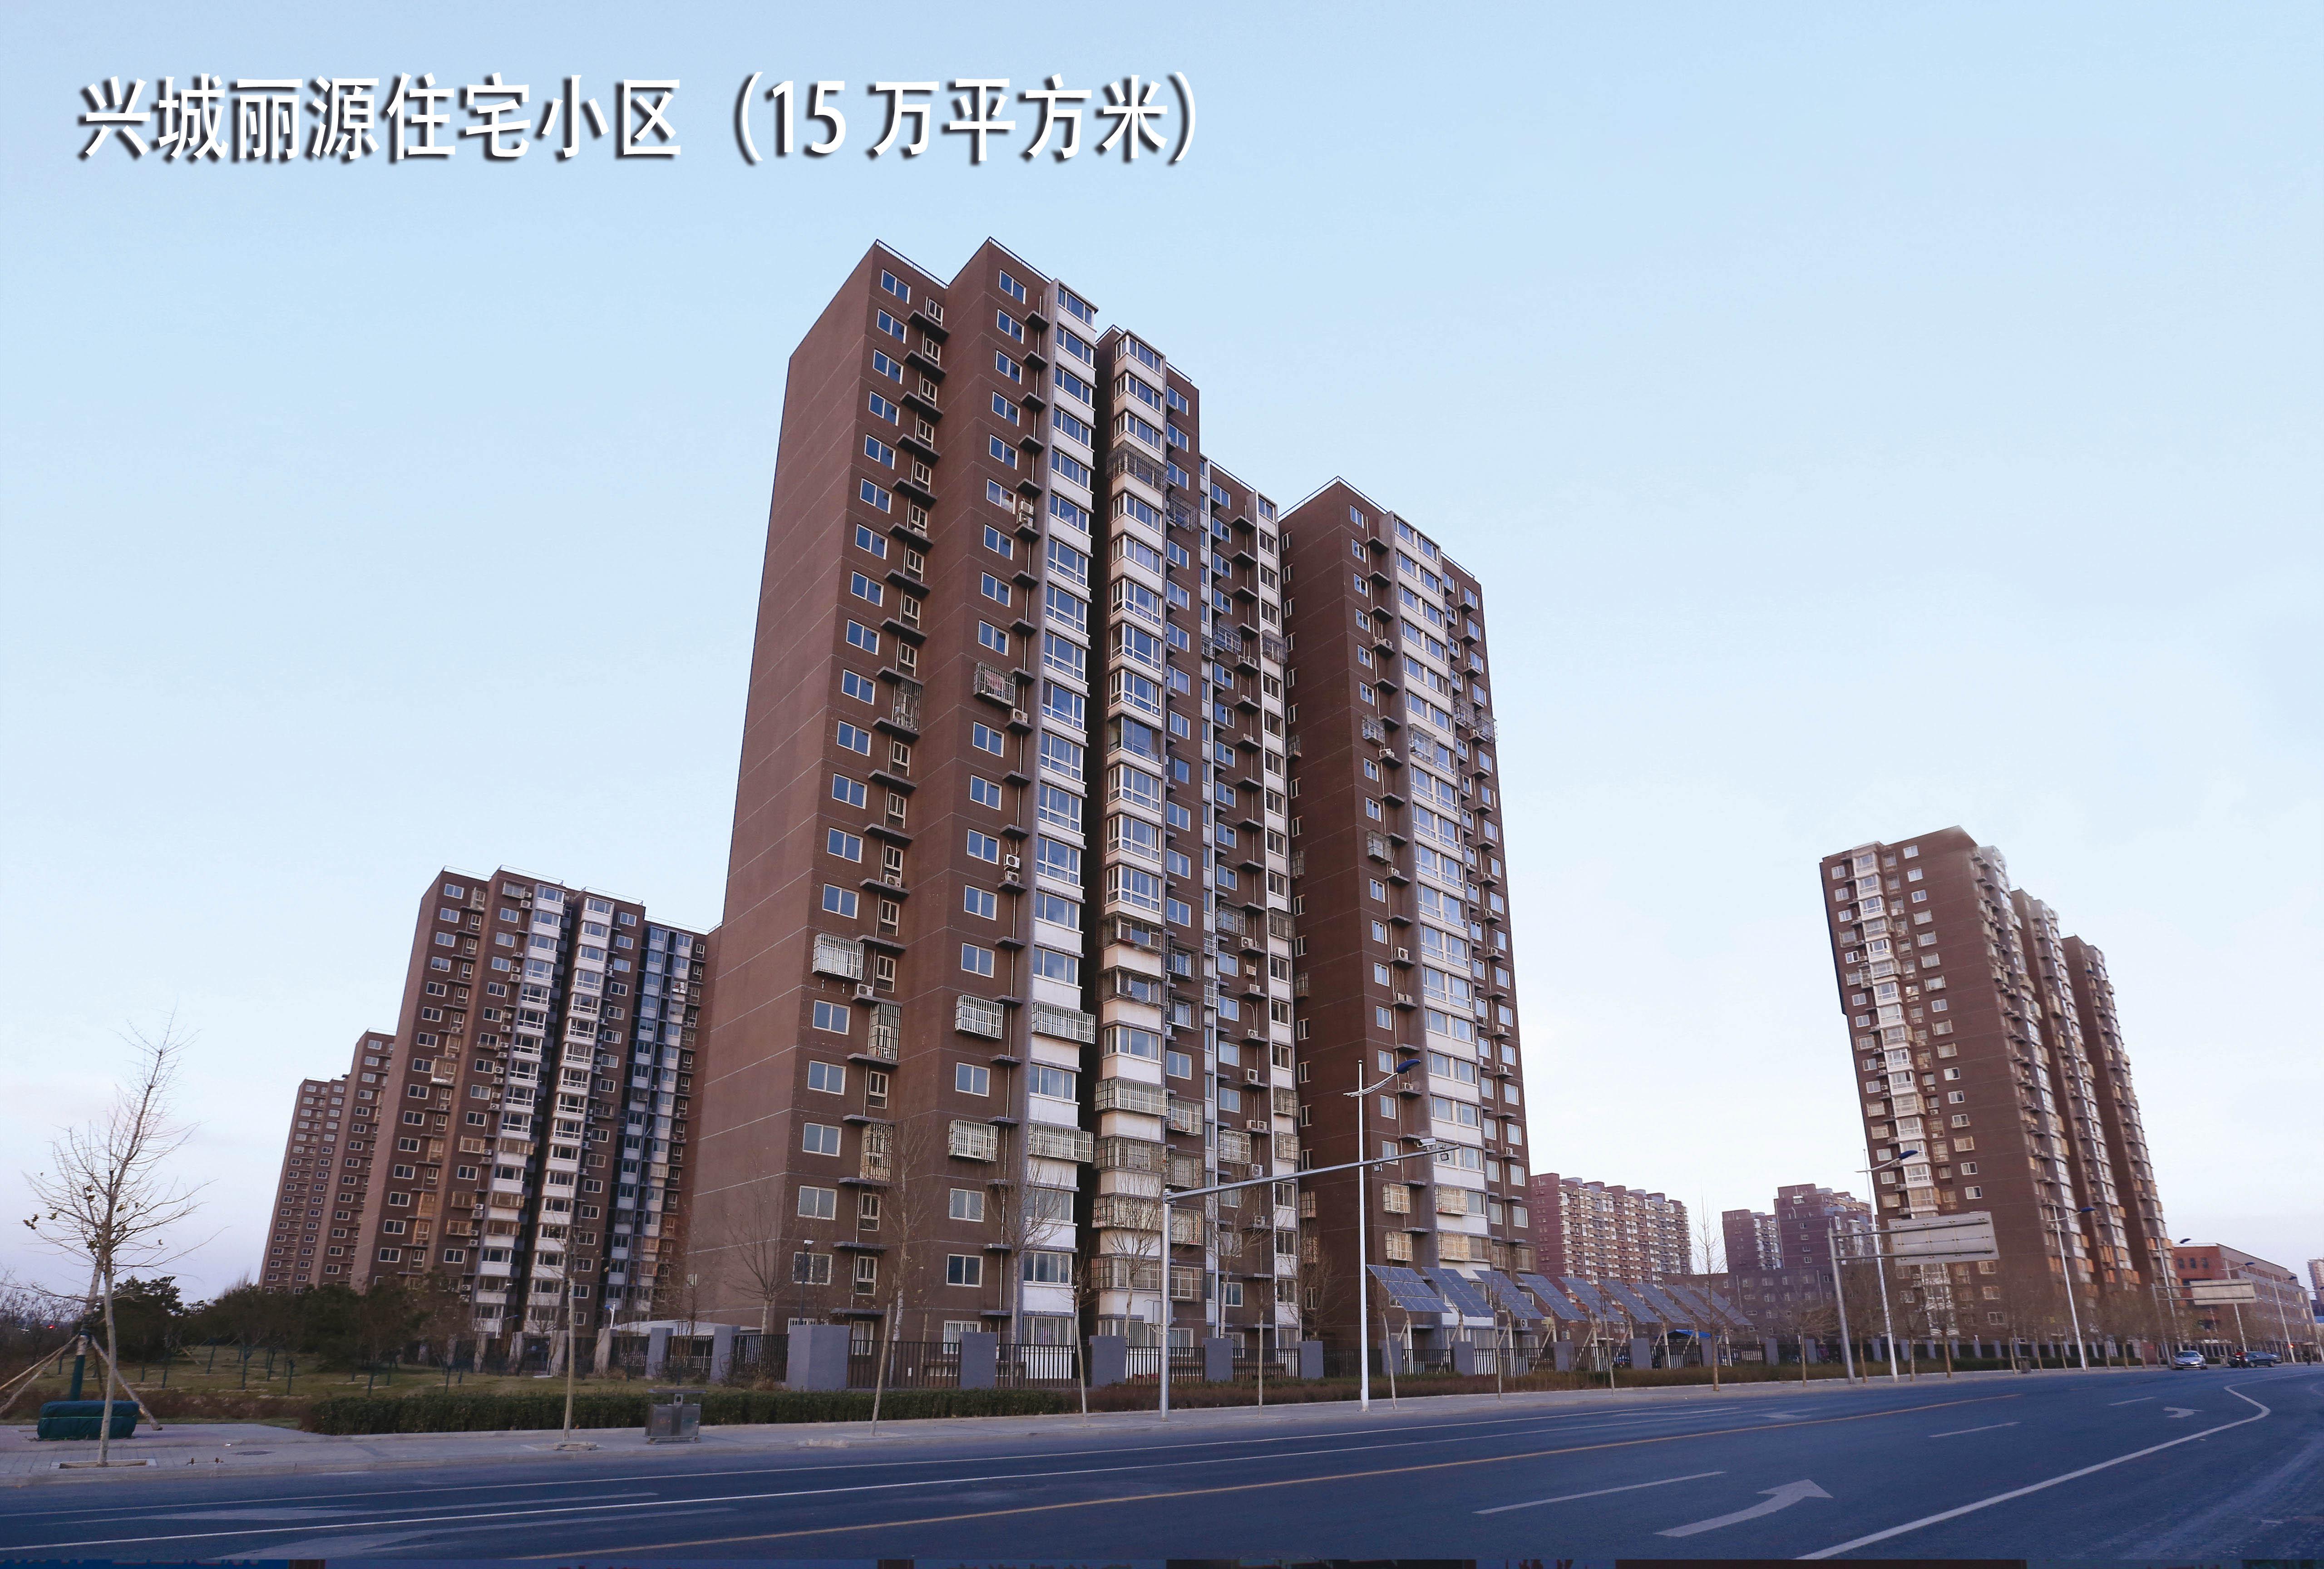 興城麗源住宅小區(15 萬平方米)